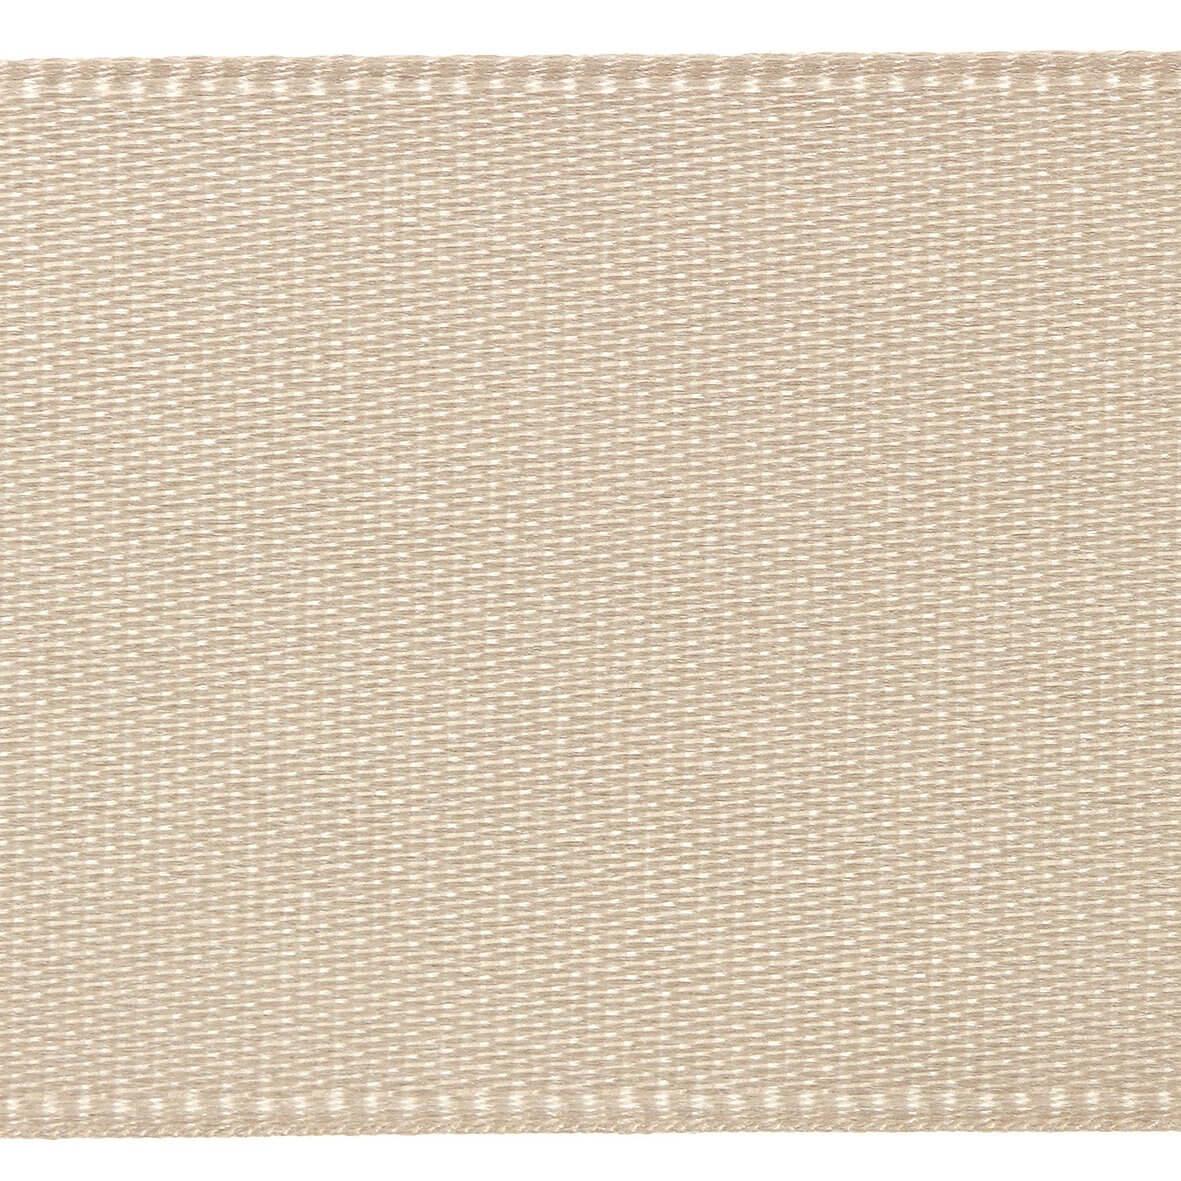 3mm Berisfords Satin Ribbon - Cream Colour 50